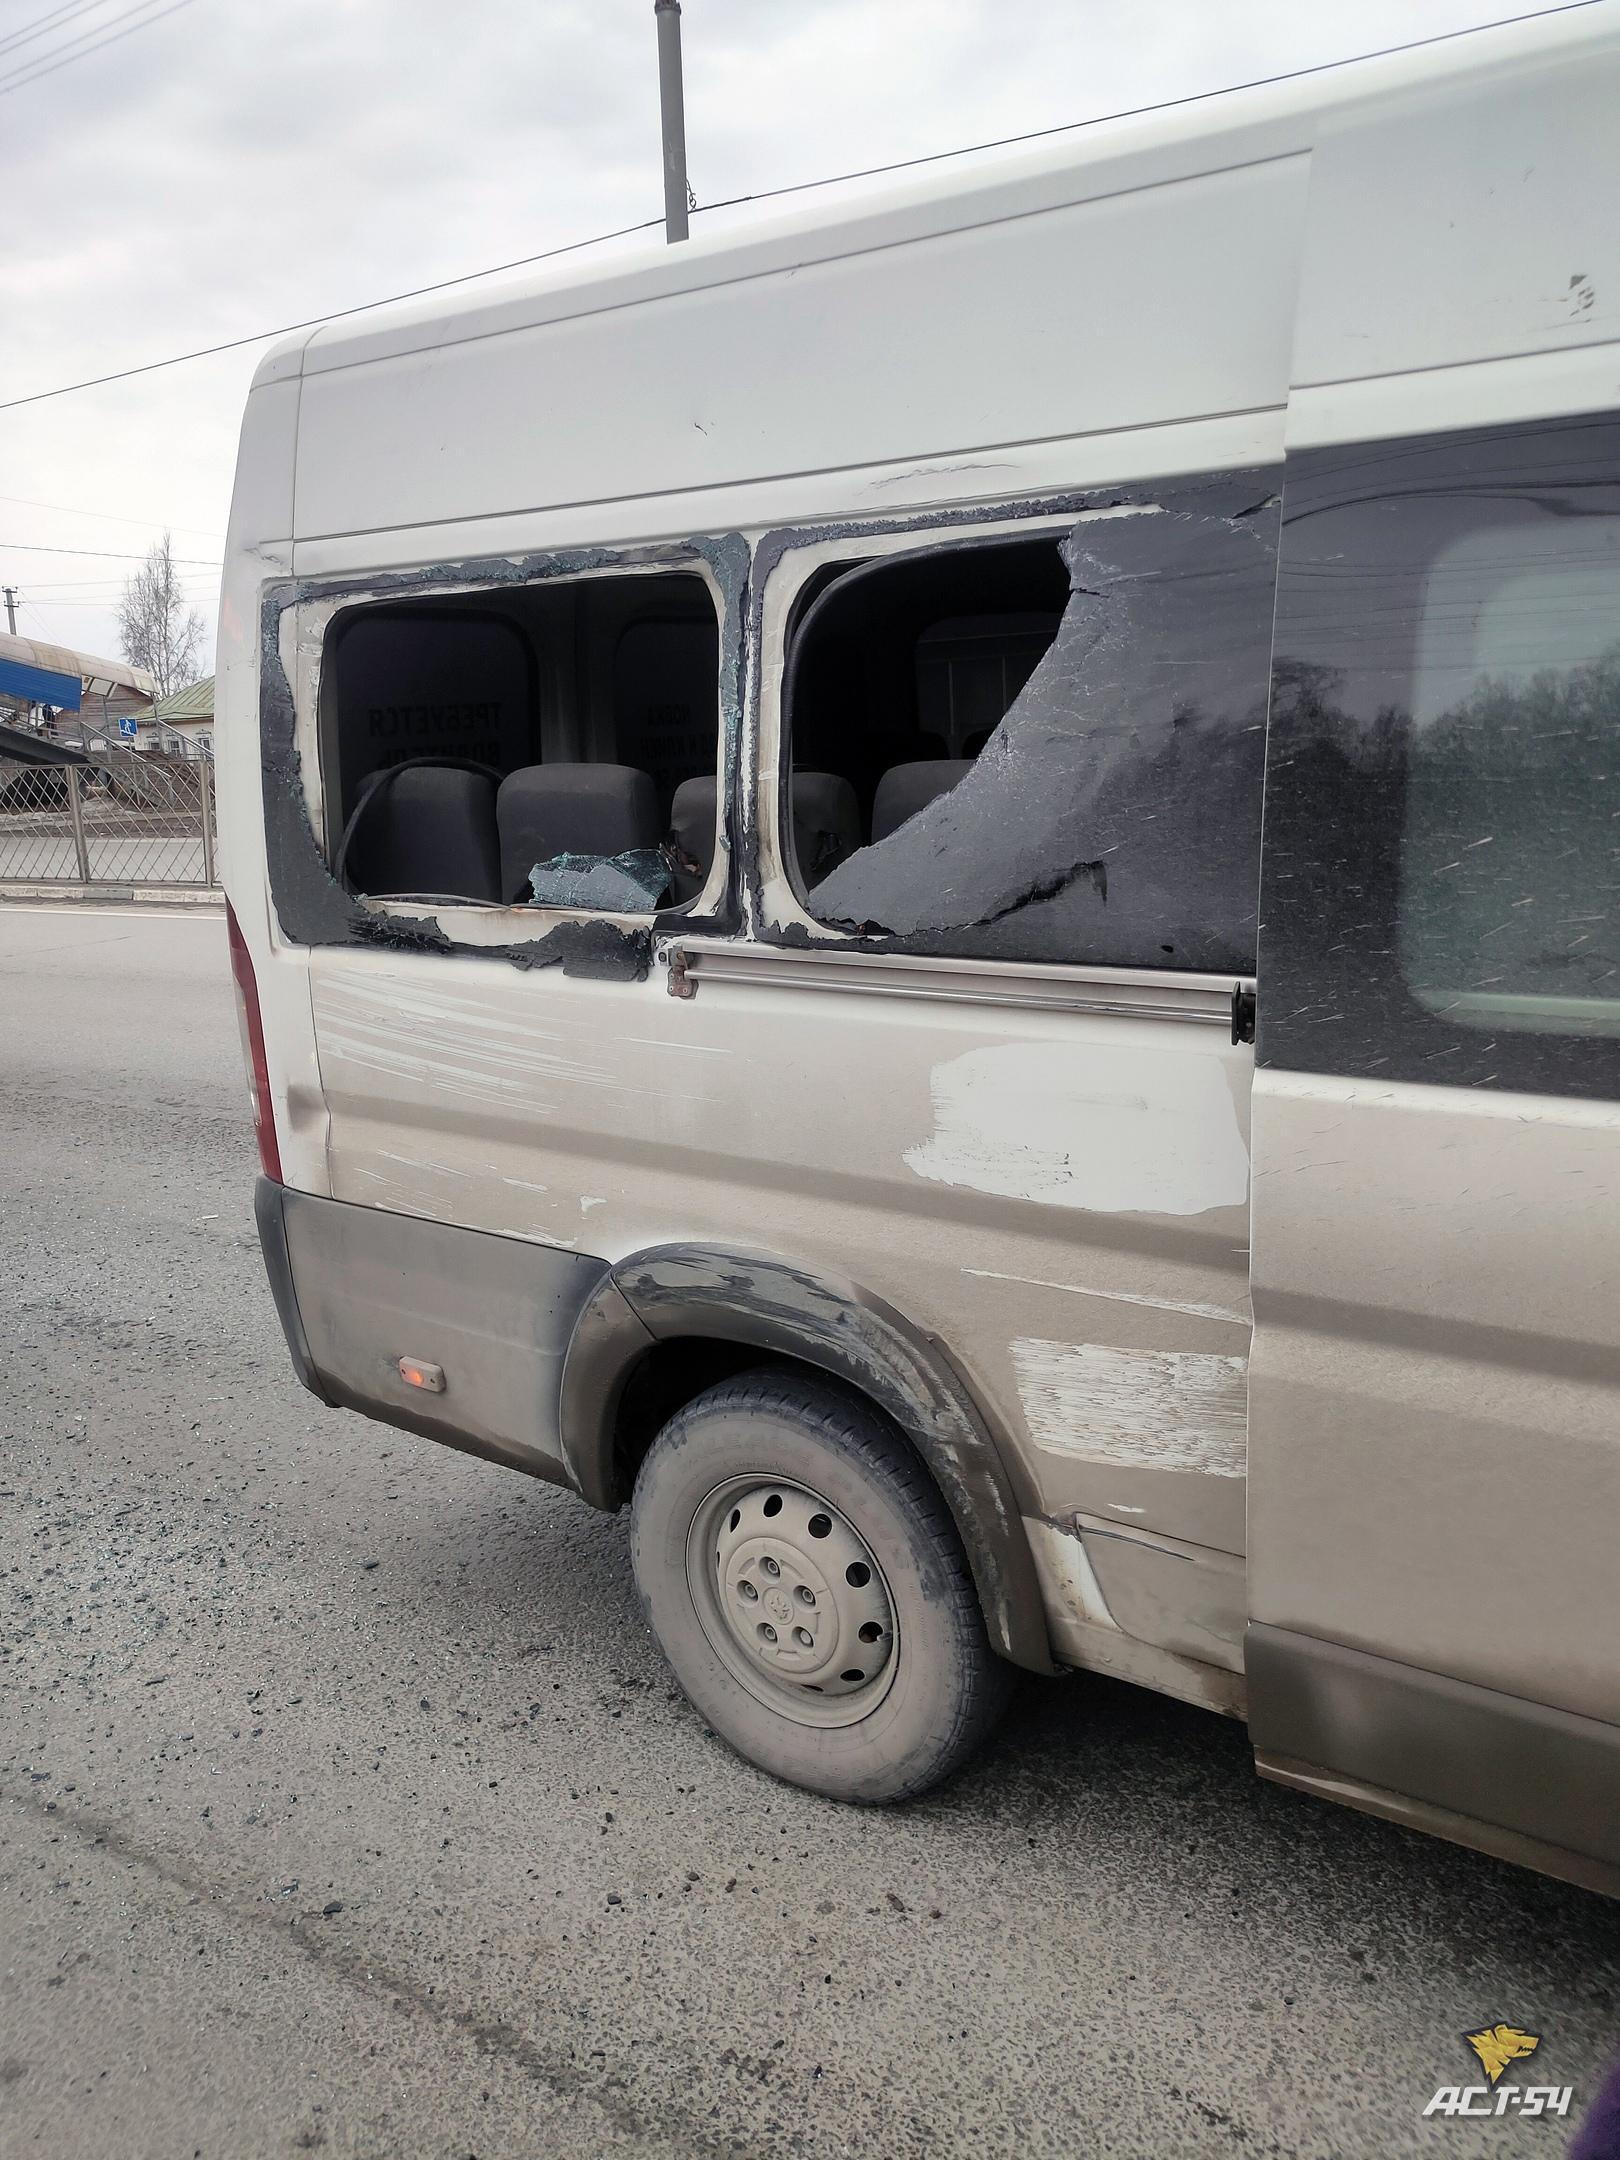 фото Автобус и маршрутка столкнулись в Новосибирске 2